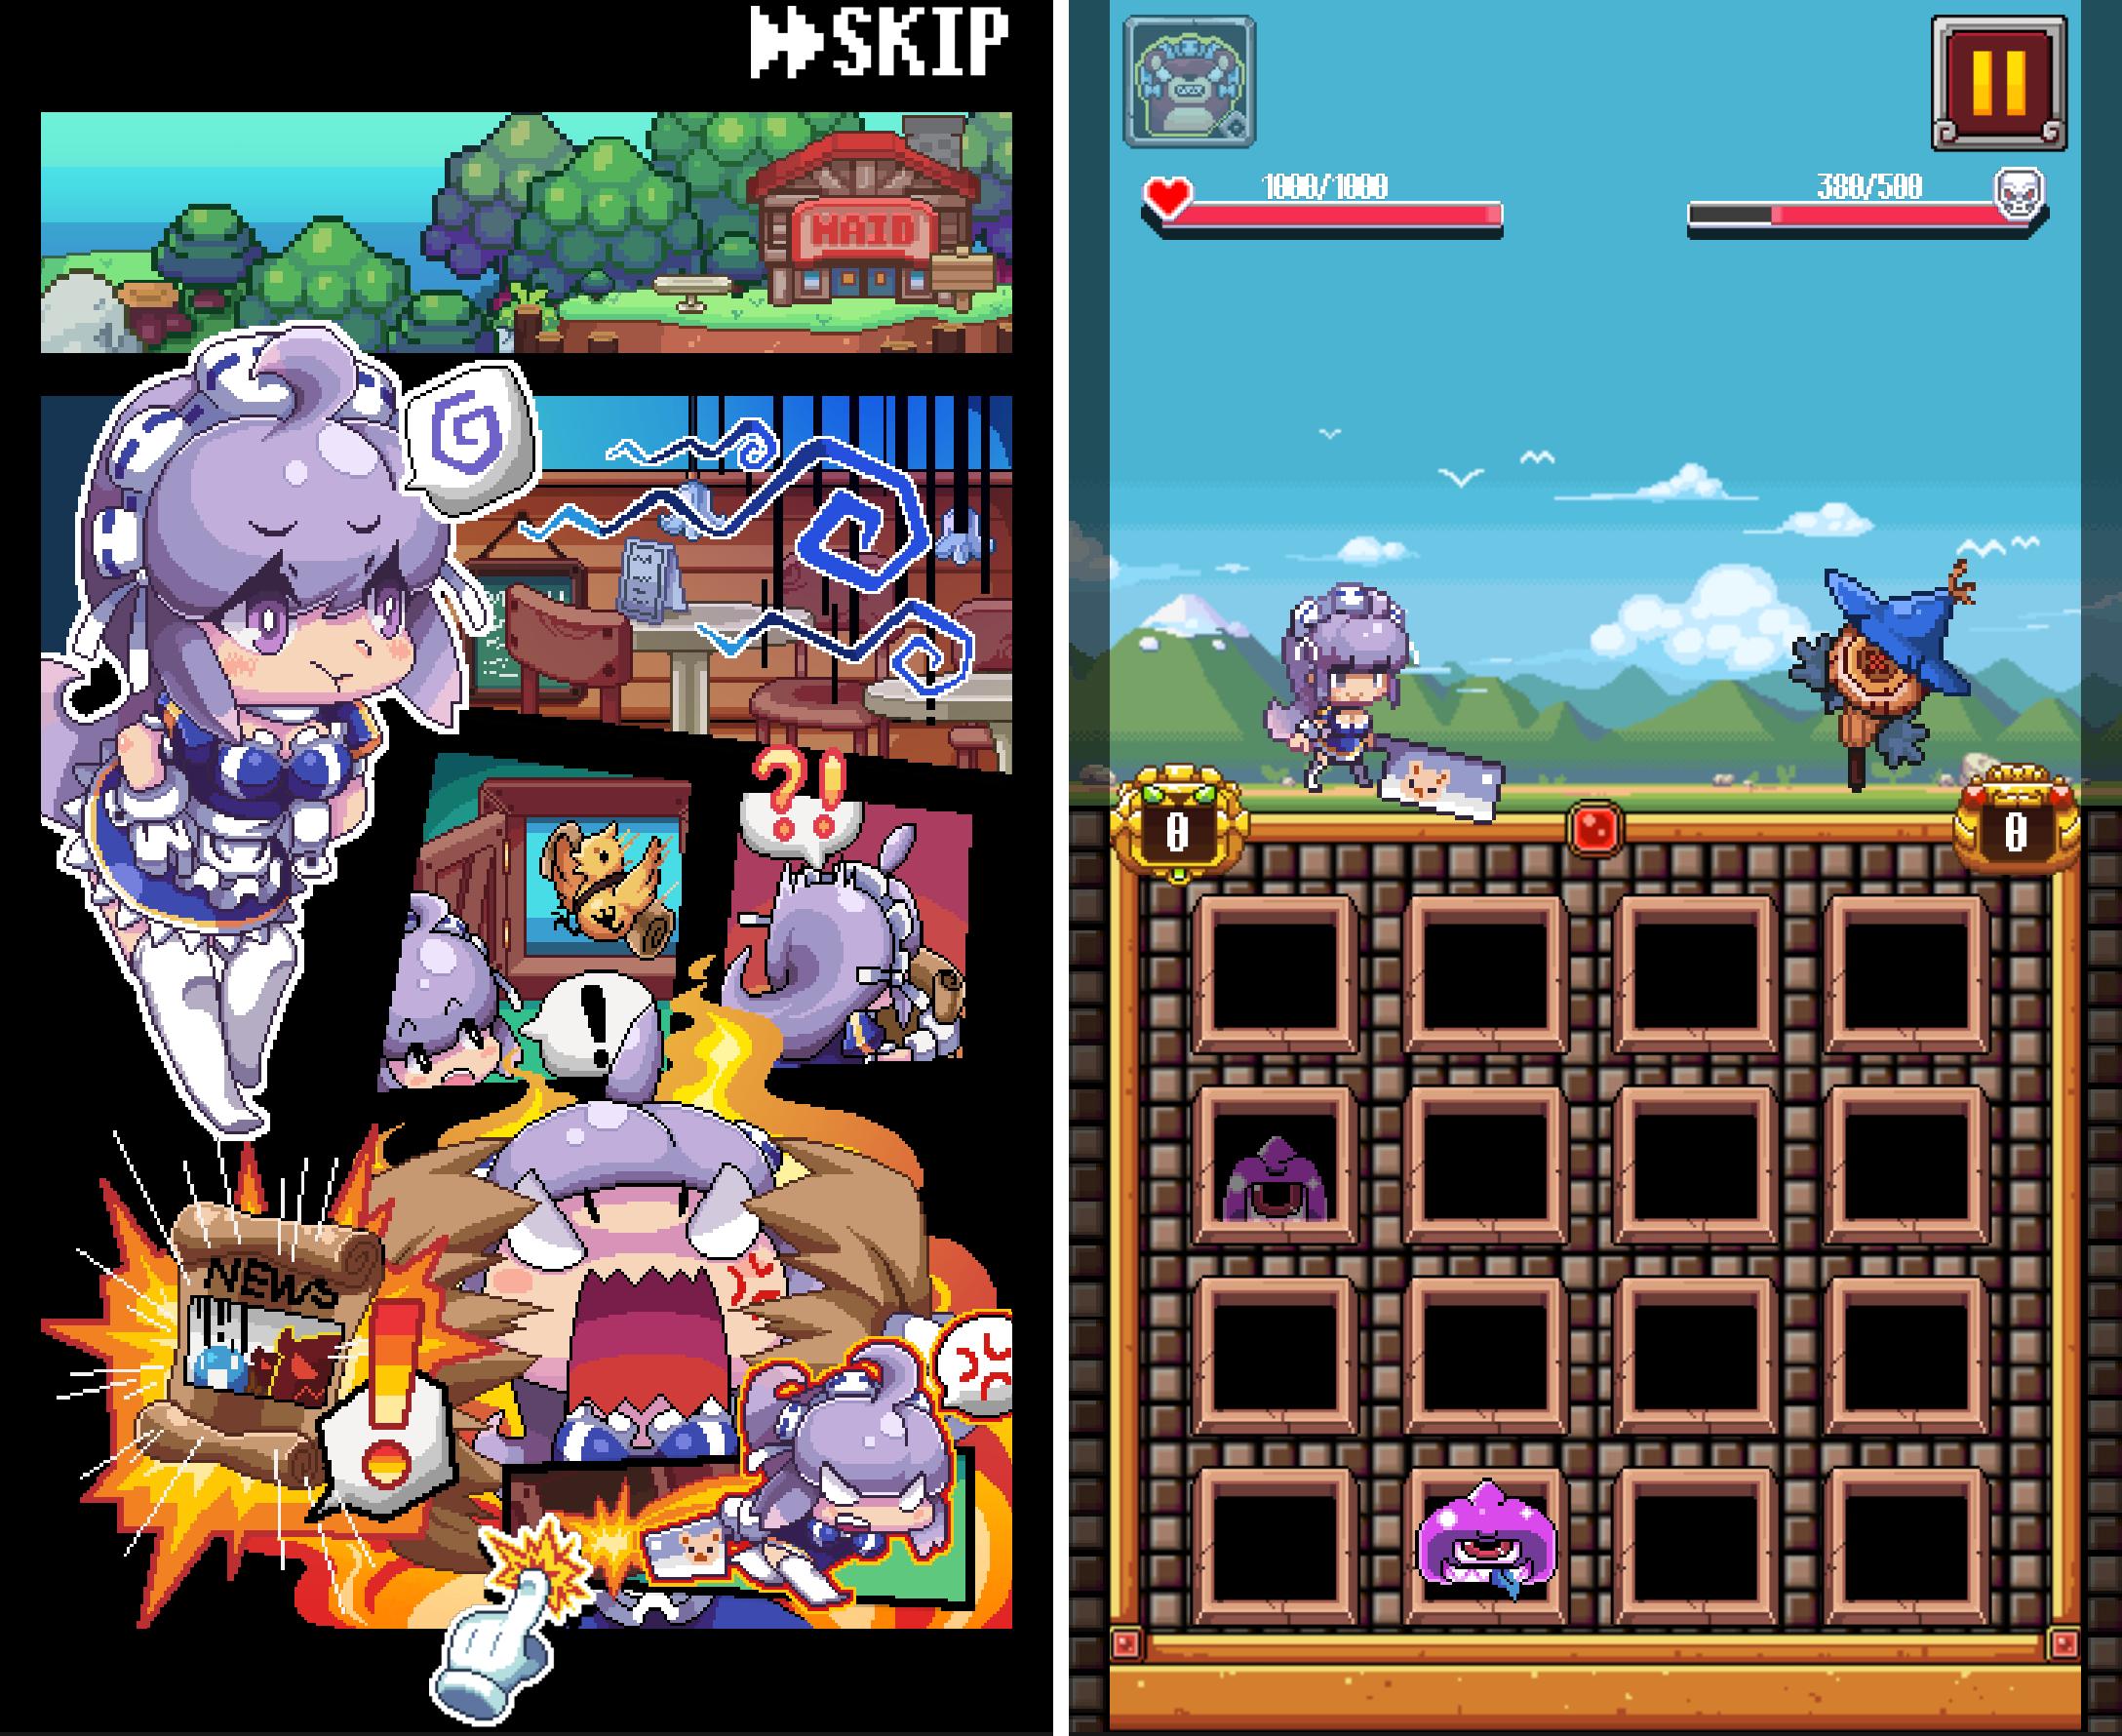 メイドとスライム!勇者を救え! androidアプリスクリーンショット1